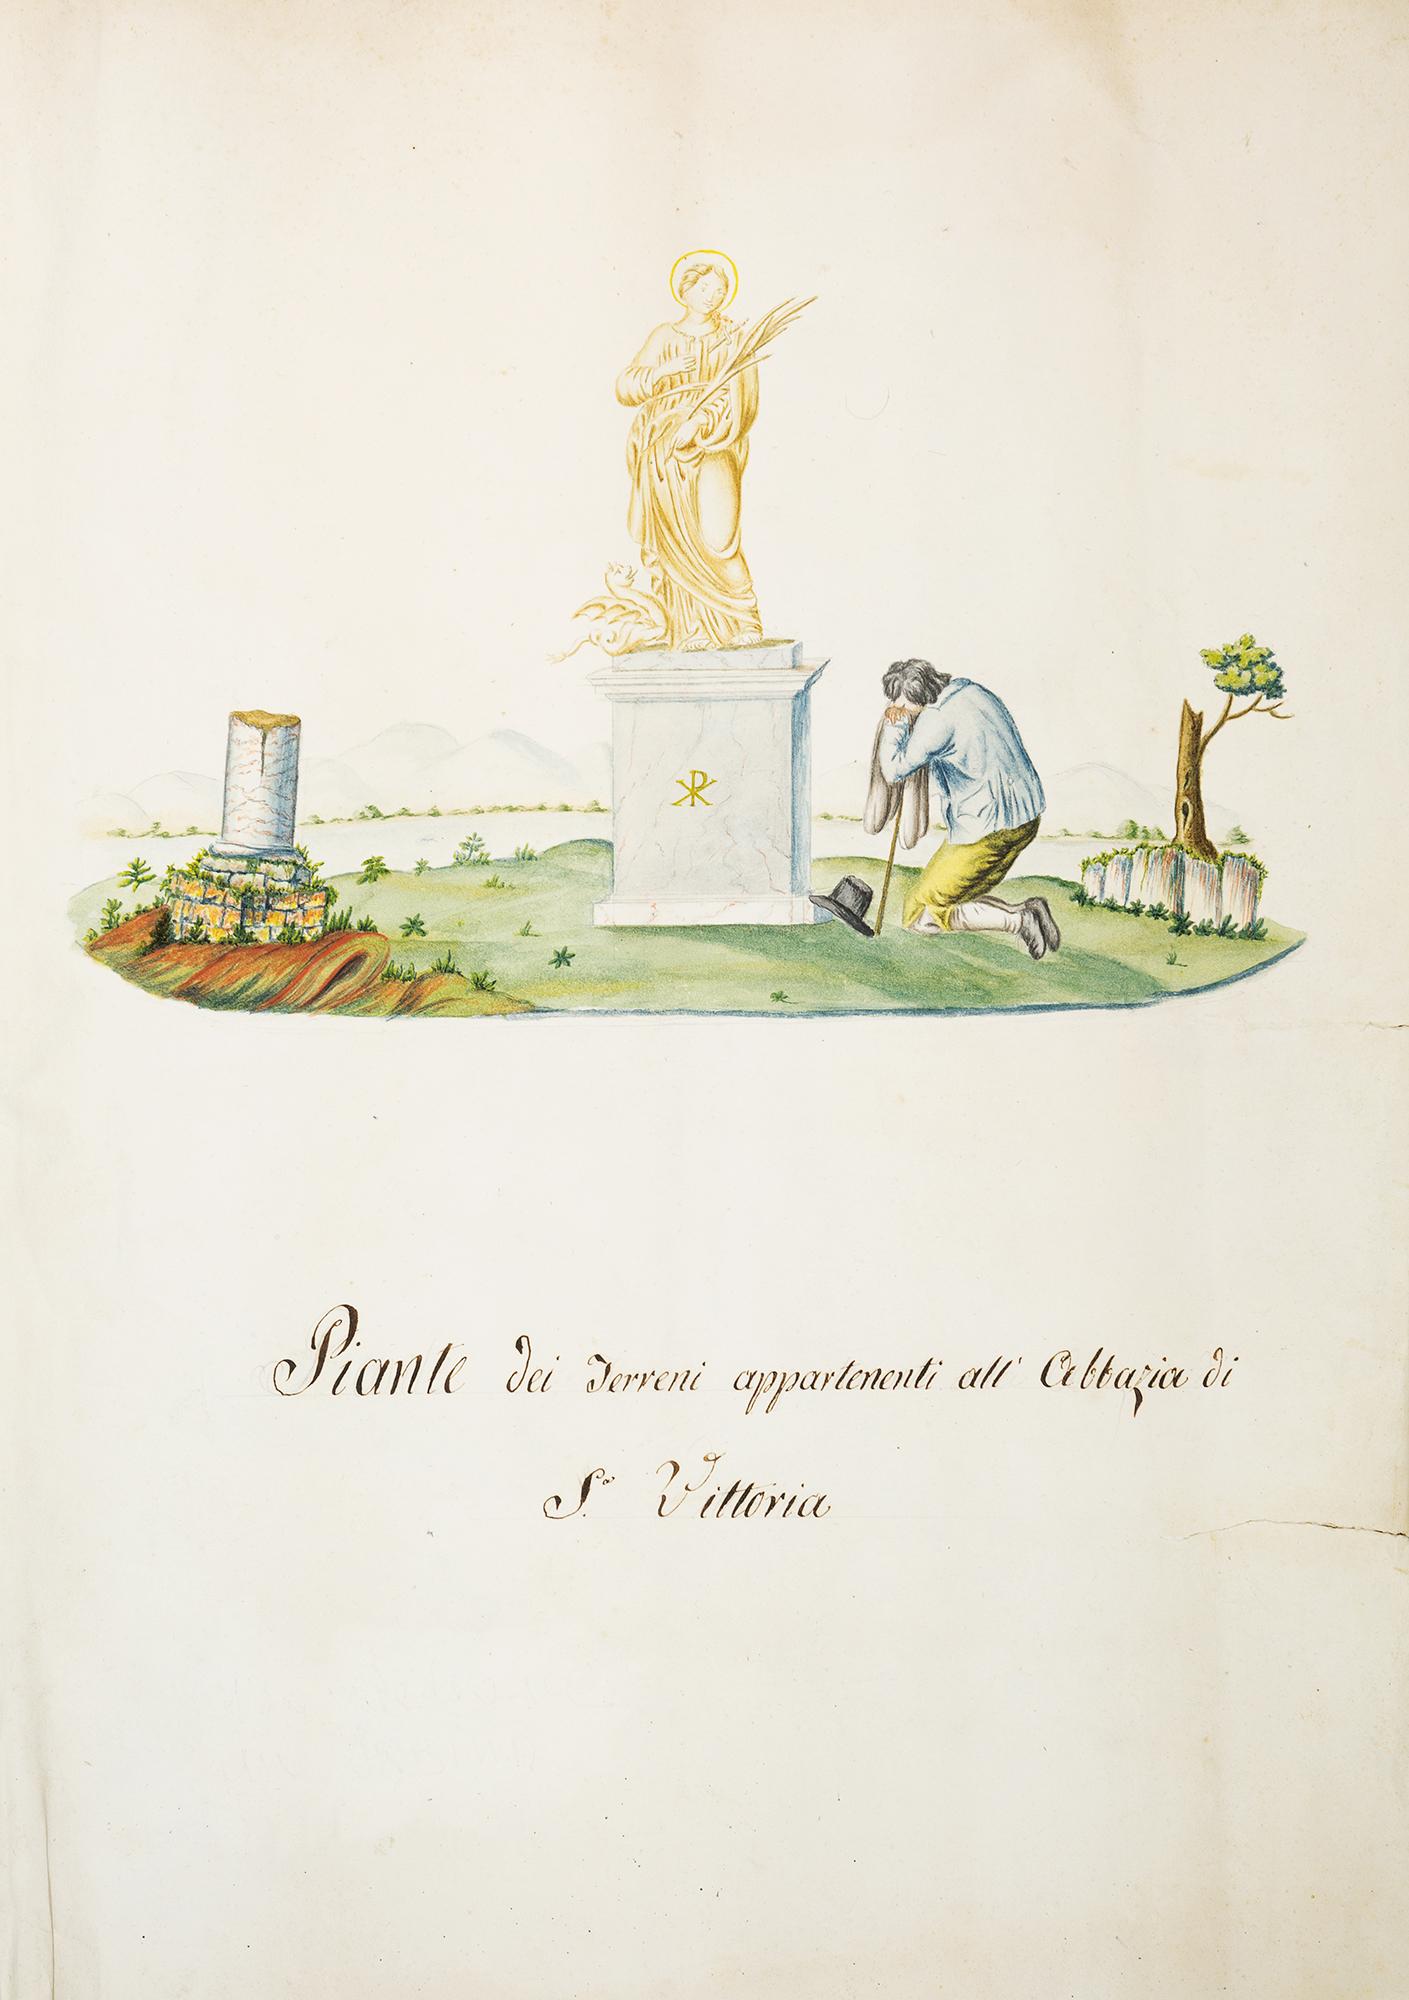 Piante dei terreni appartenuti all'Abbazia di S. Vittoria